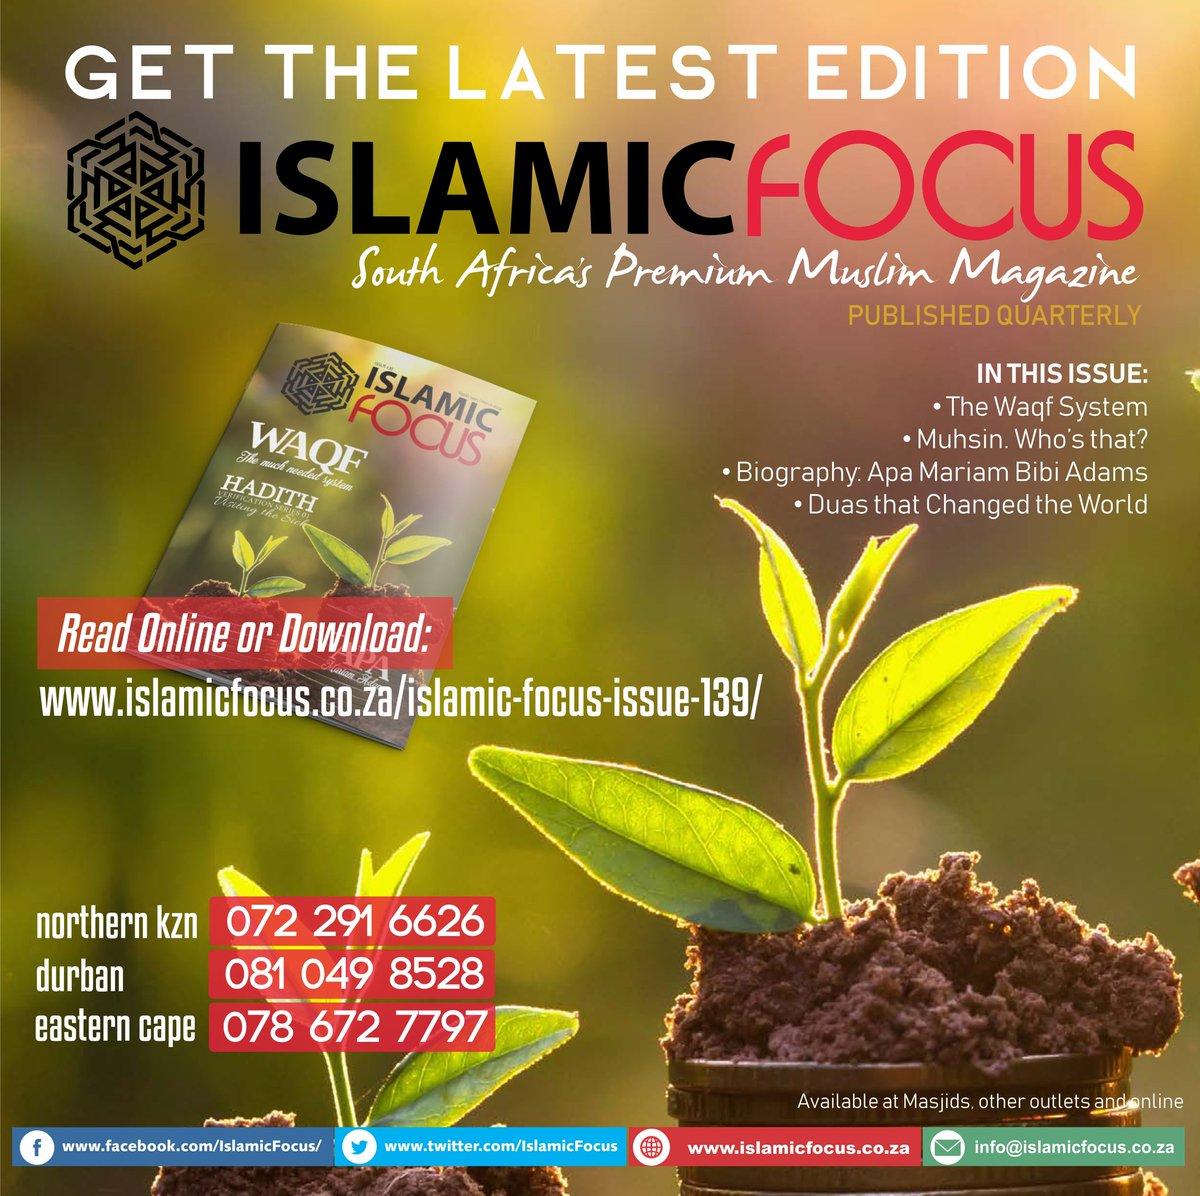 Islamic Focus (@IslamicFocus) | Twitter